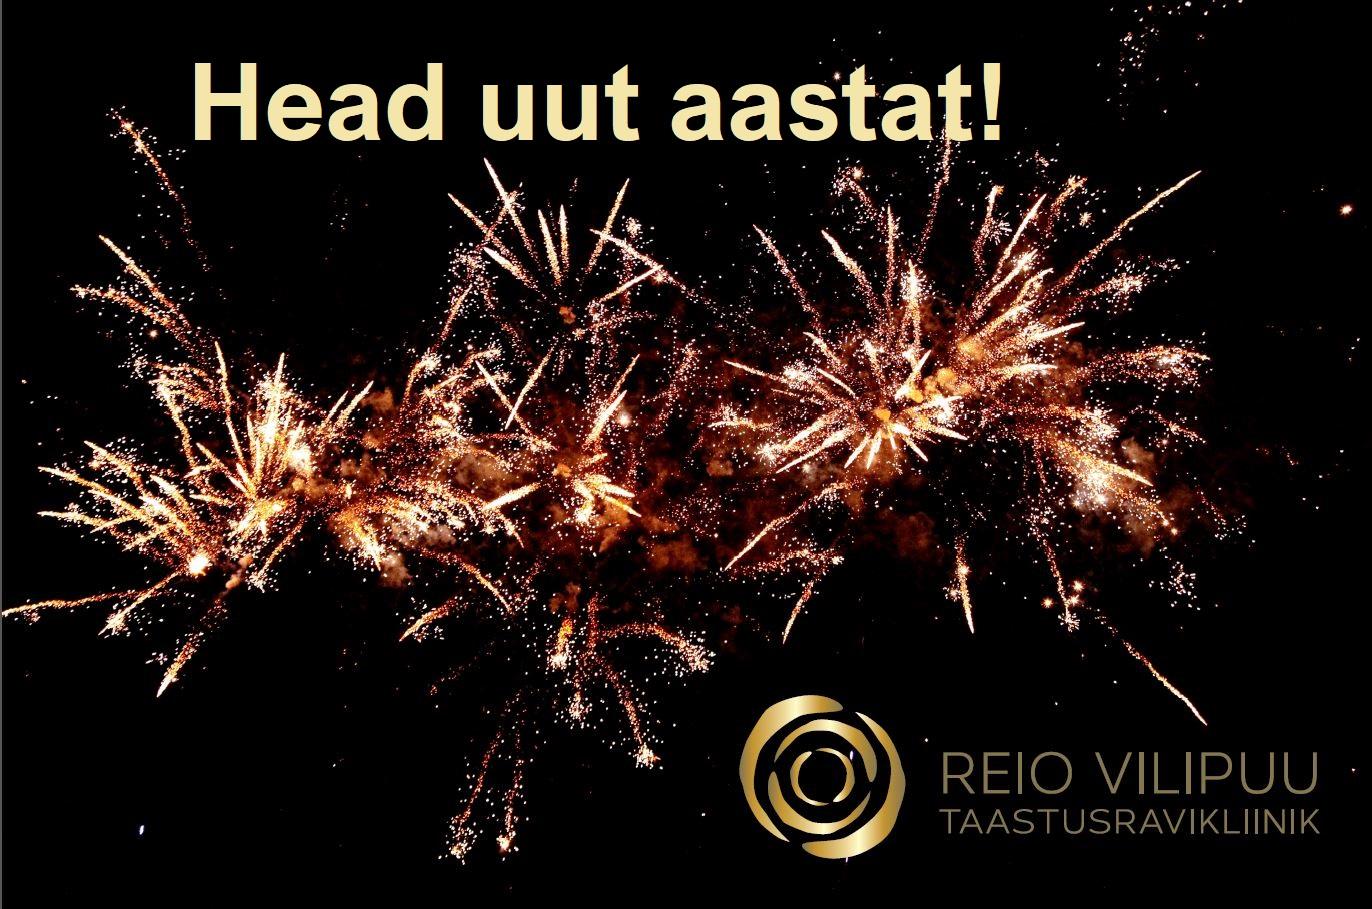 HEAD UUT AASTAT! 2020!